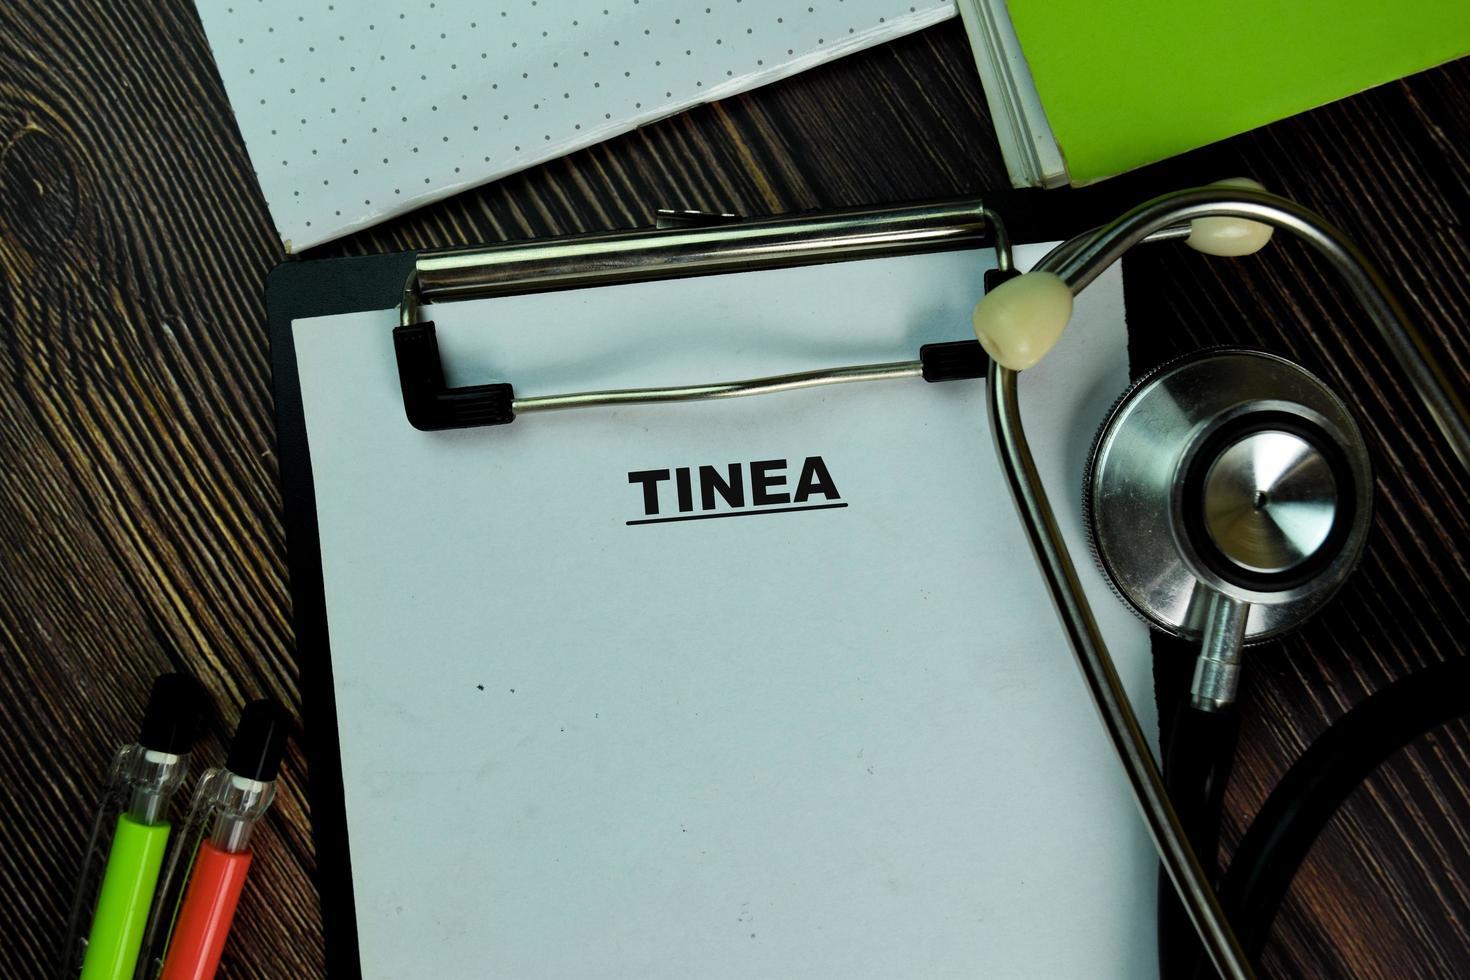 Tinea écrit sur paperasse isolé sur table en bois photo